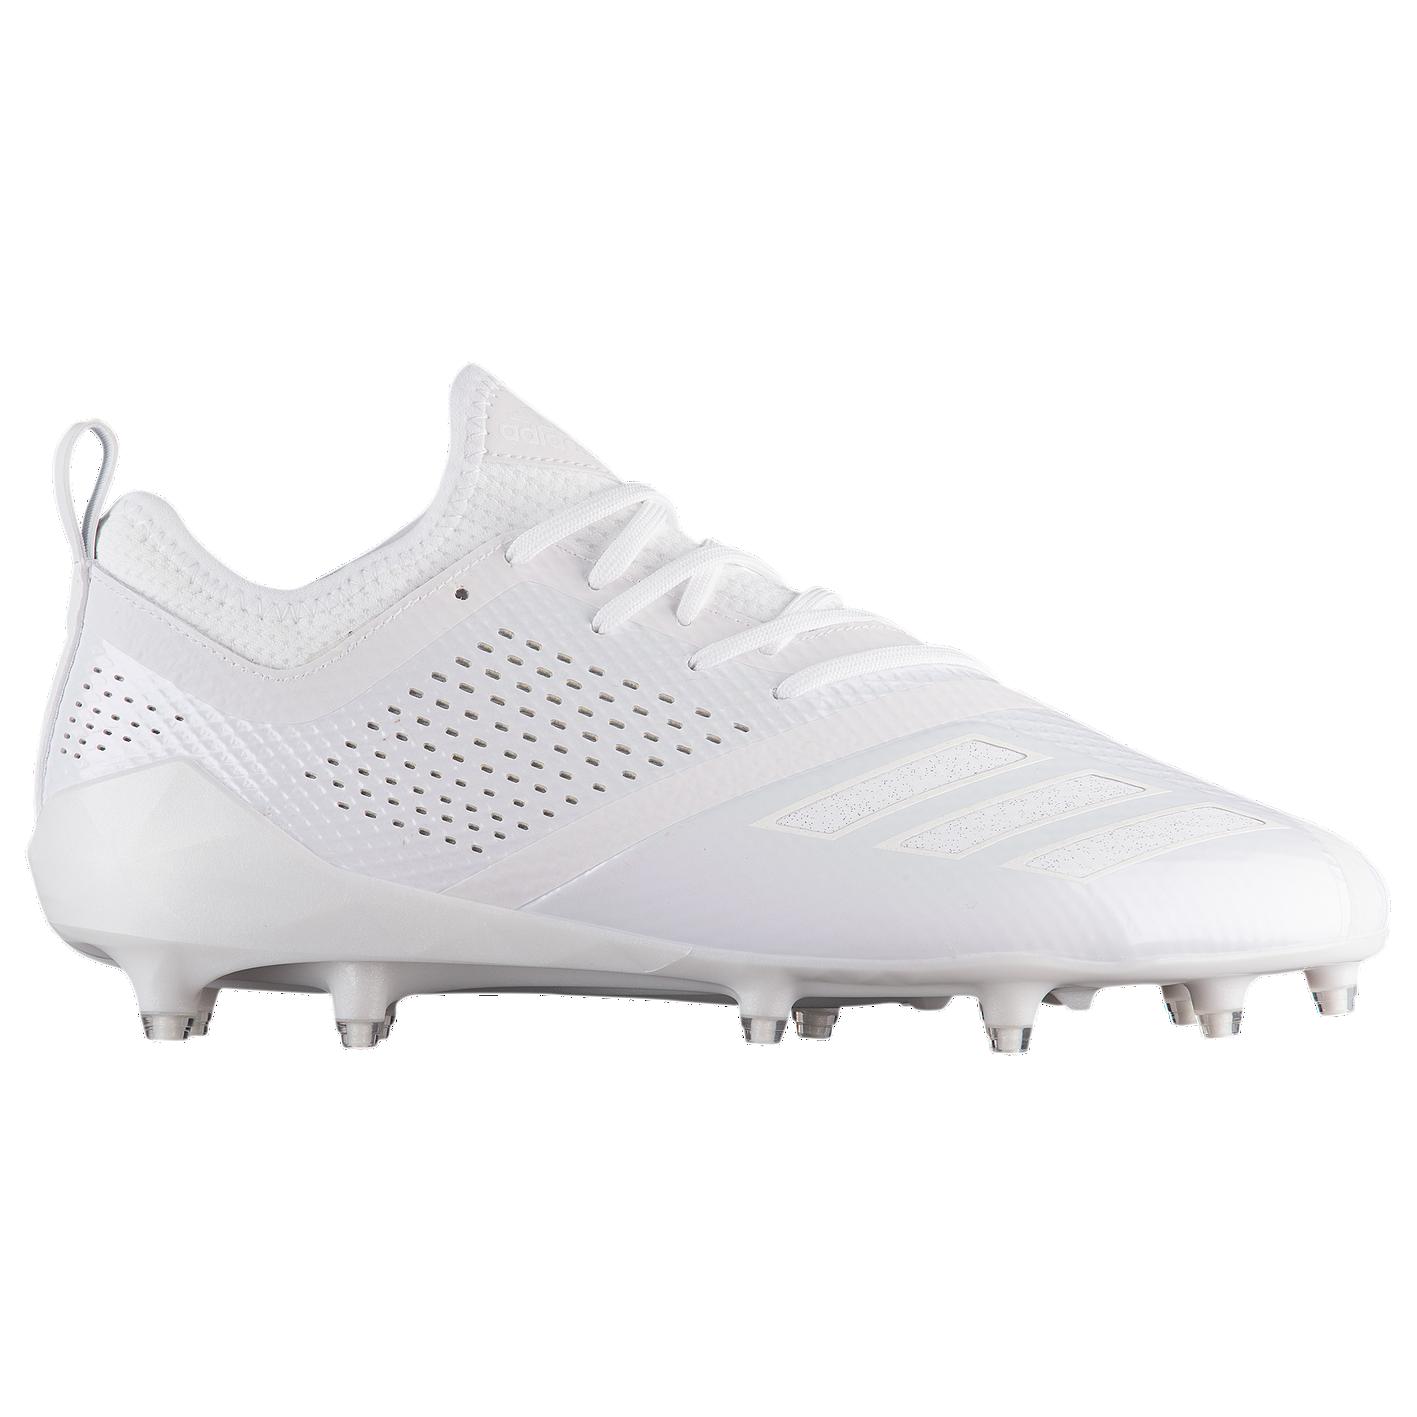 7bd530a11 adidas adiZero 5-Star 7.0 - Men s - Football - Shoes - White White